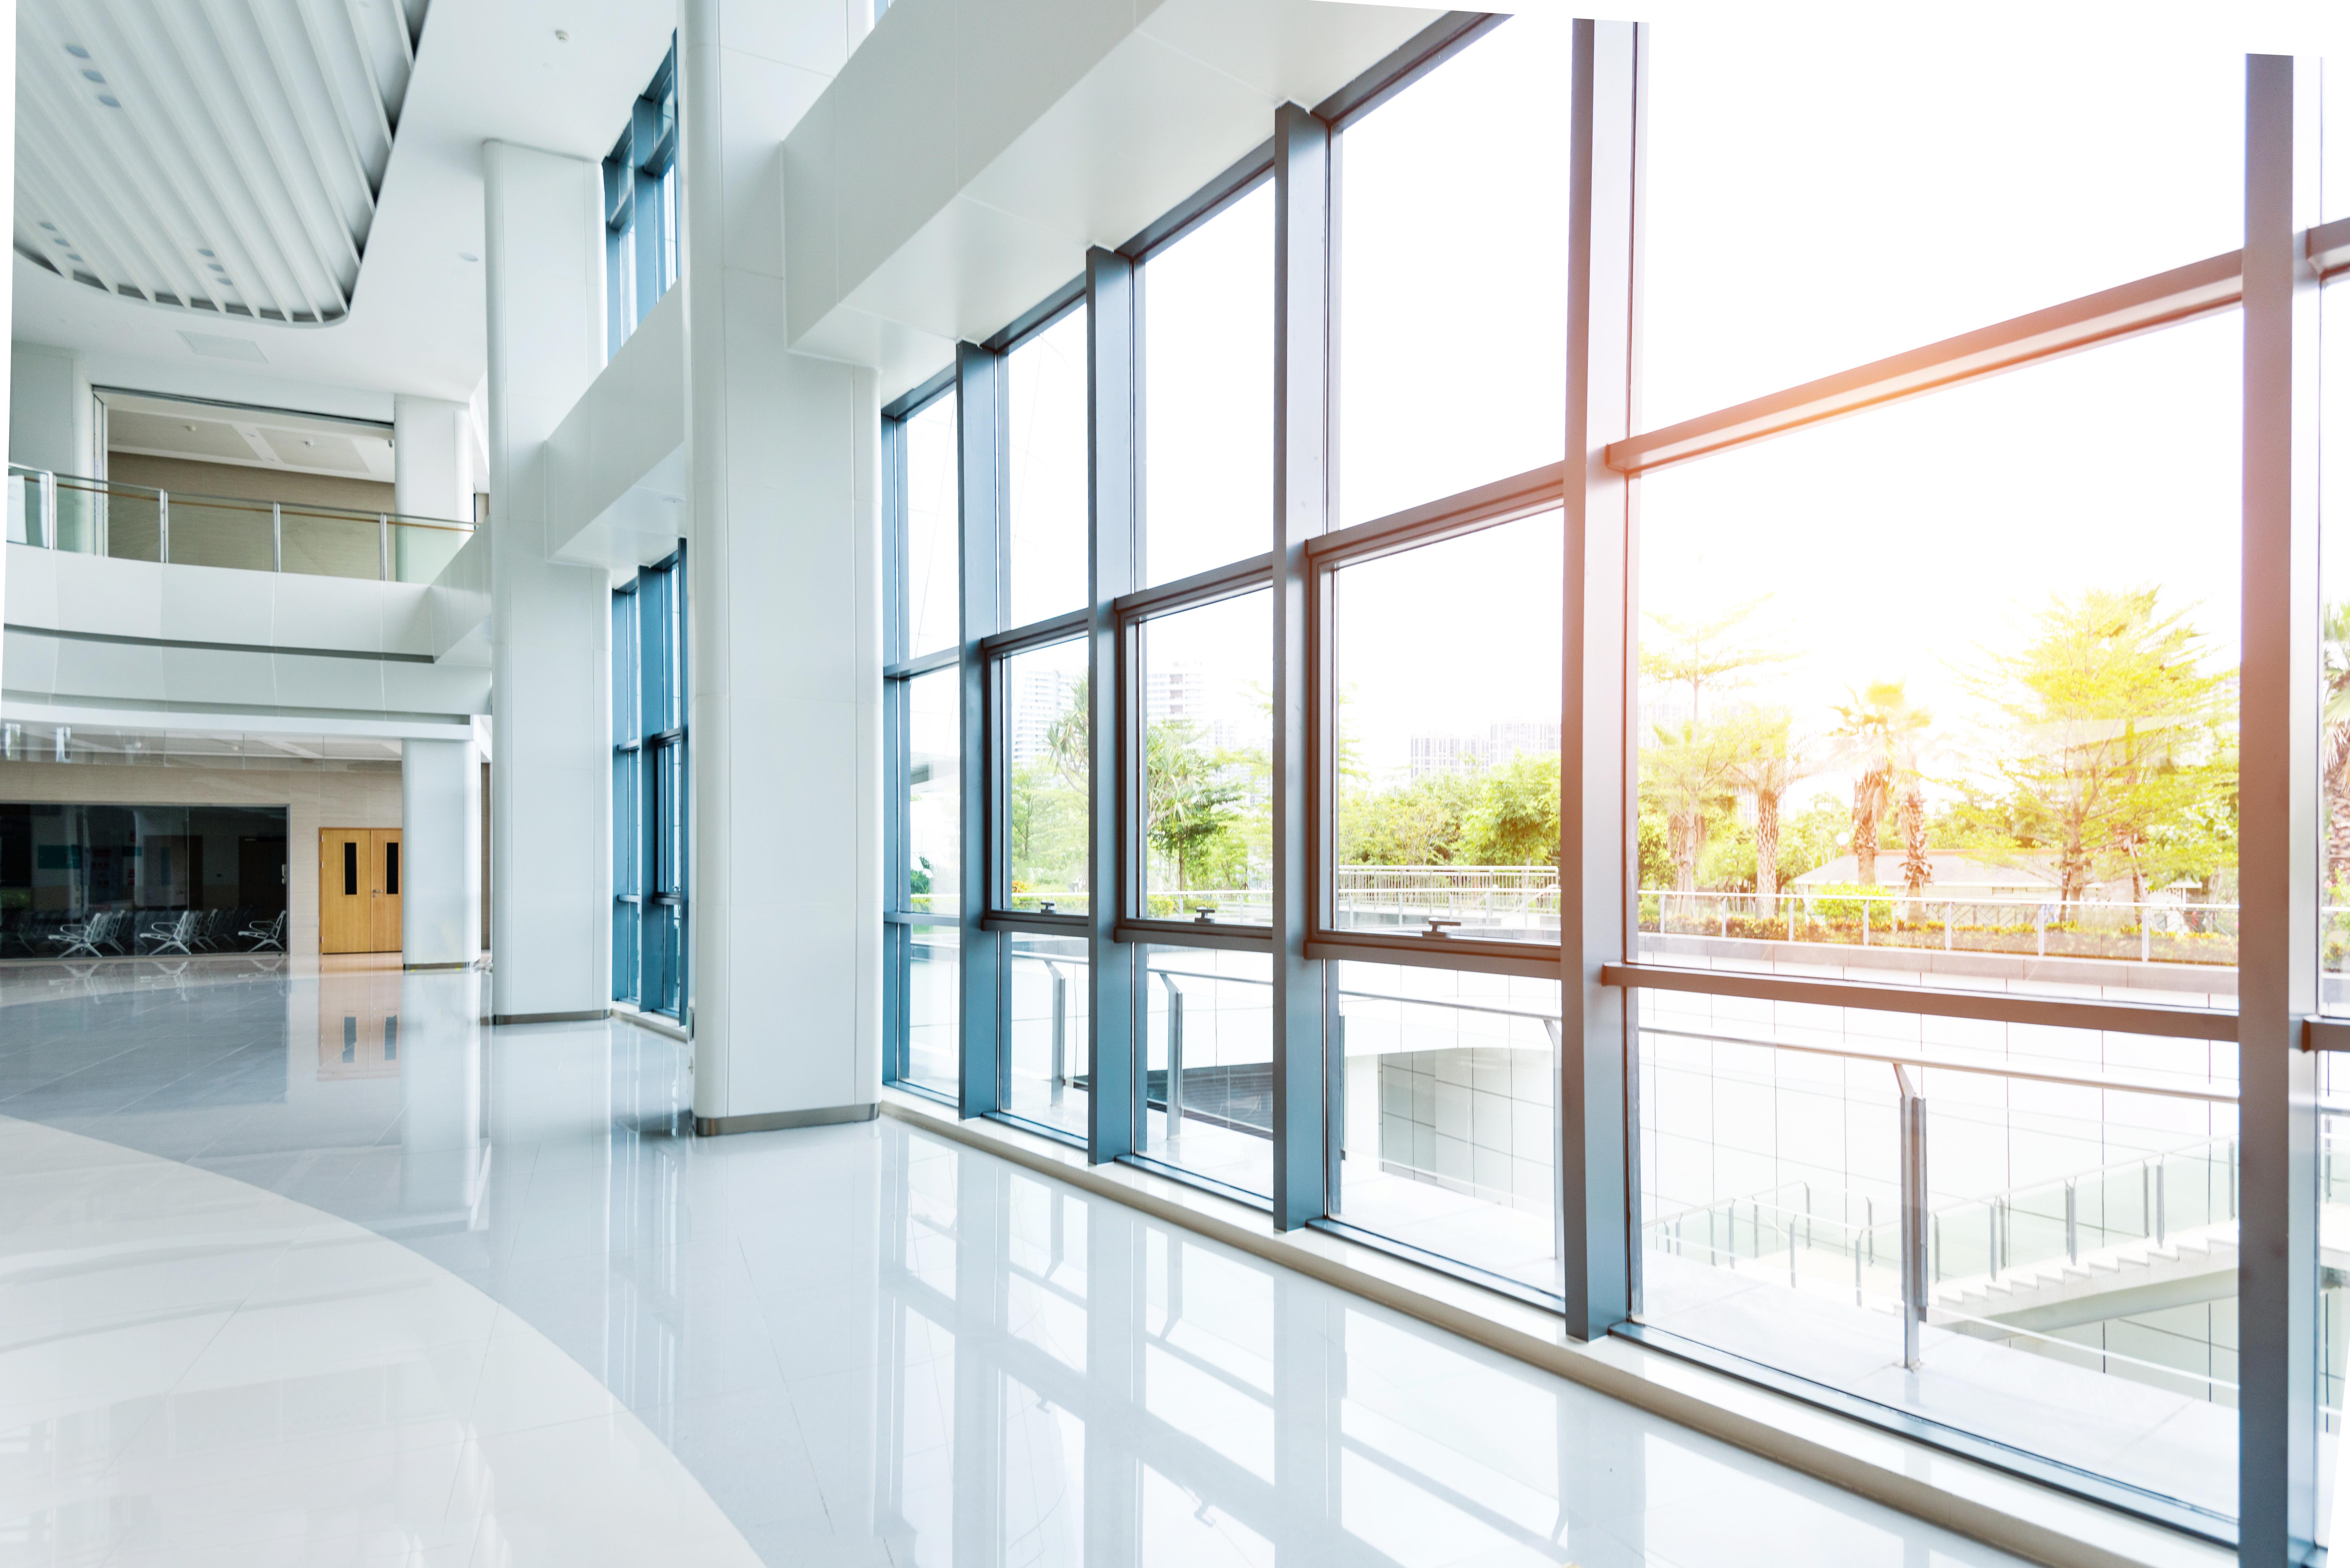 Empty lobby with glass window